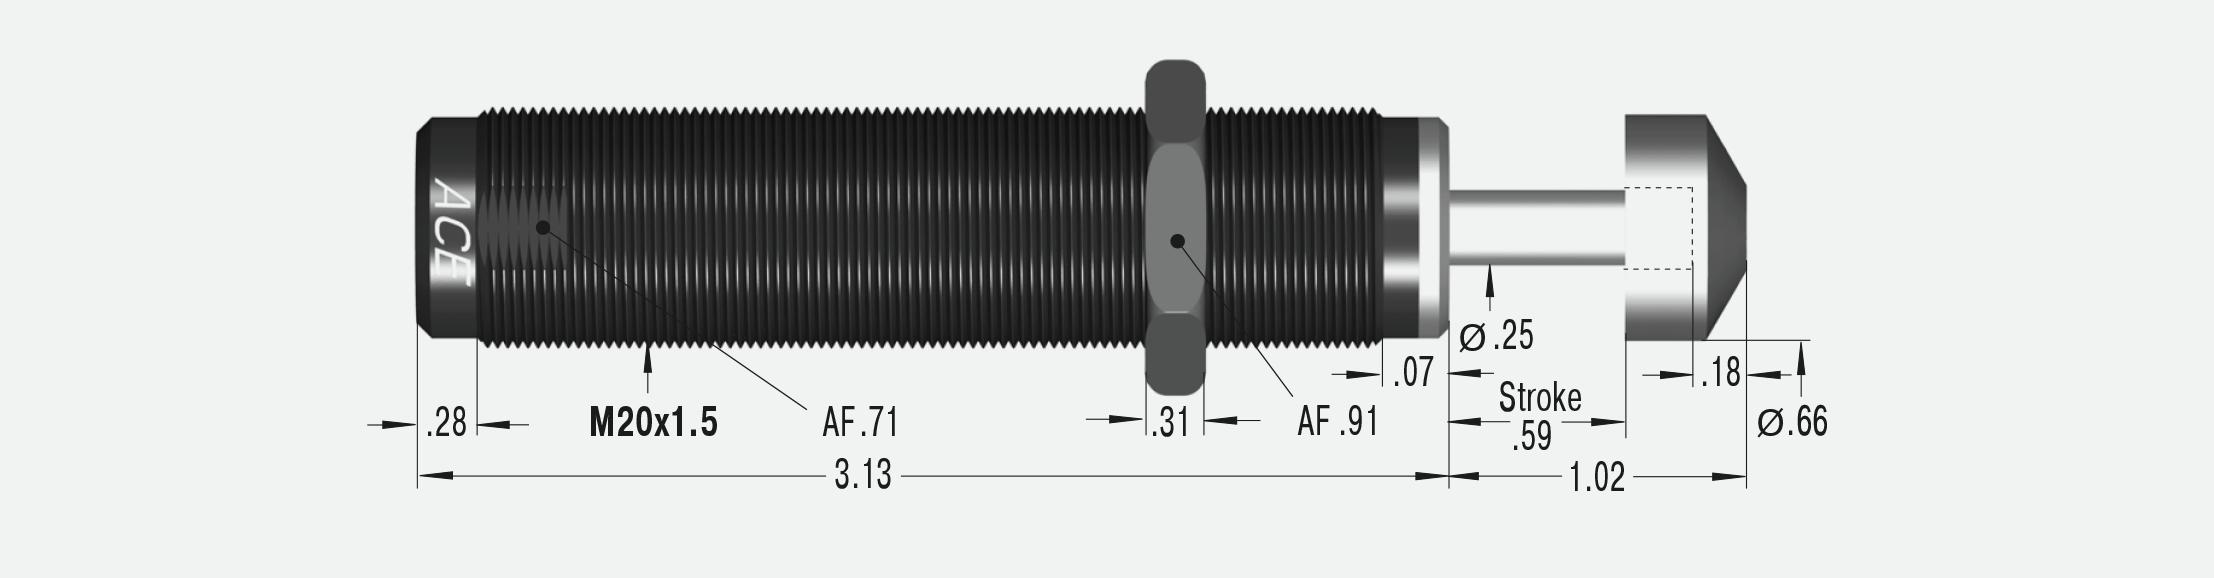 SC300M-5